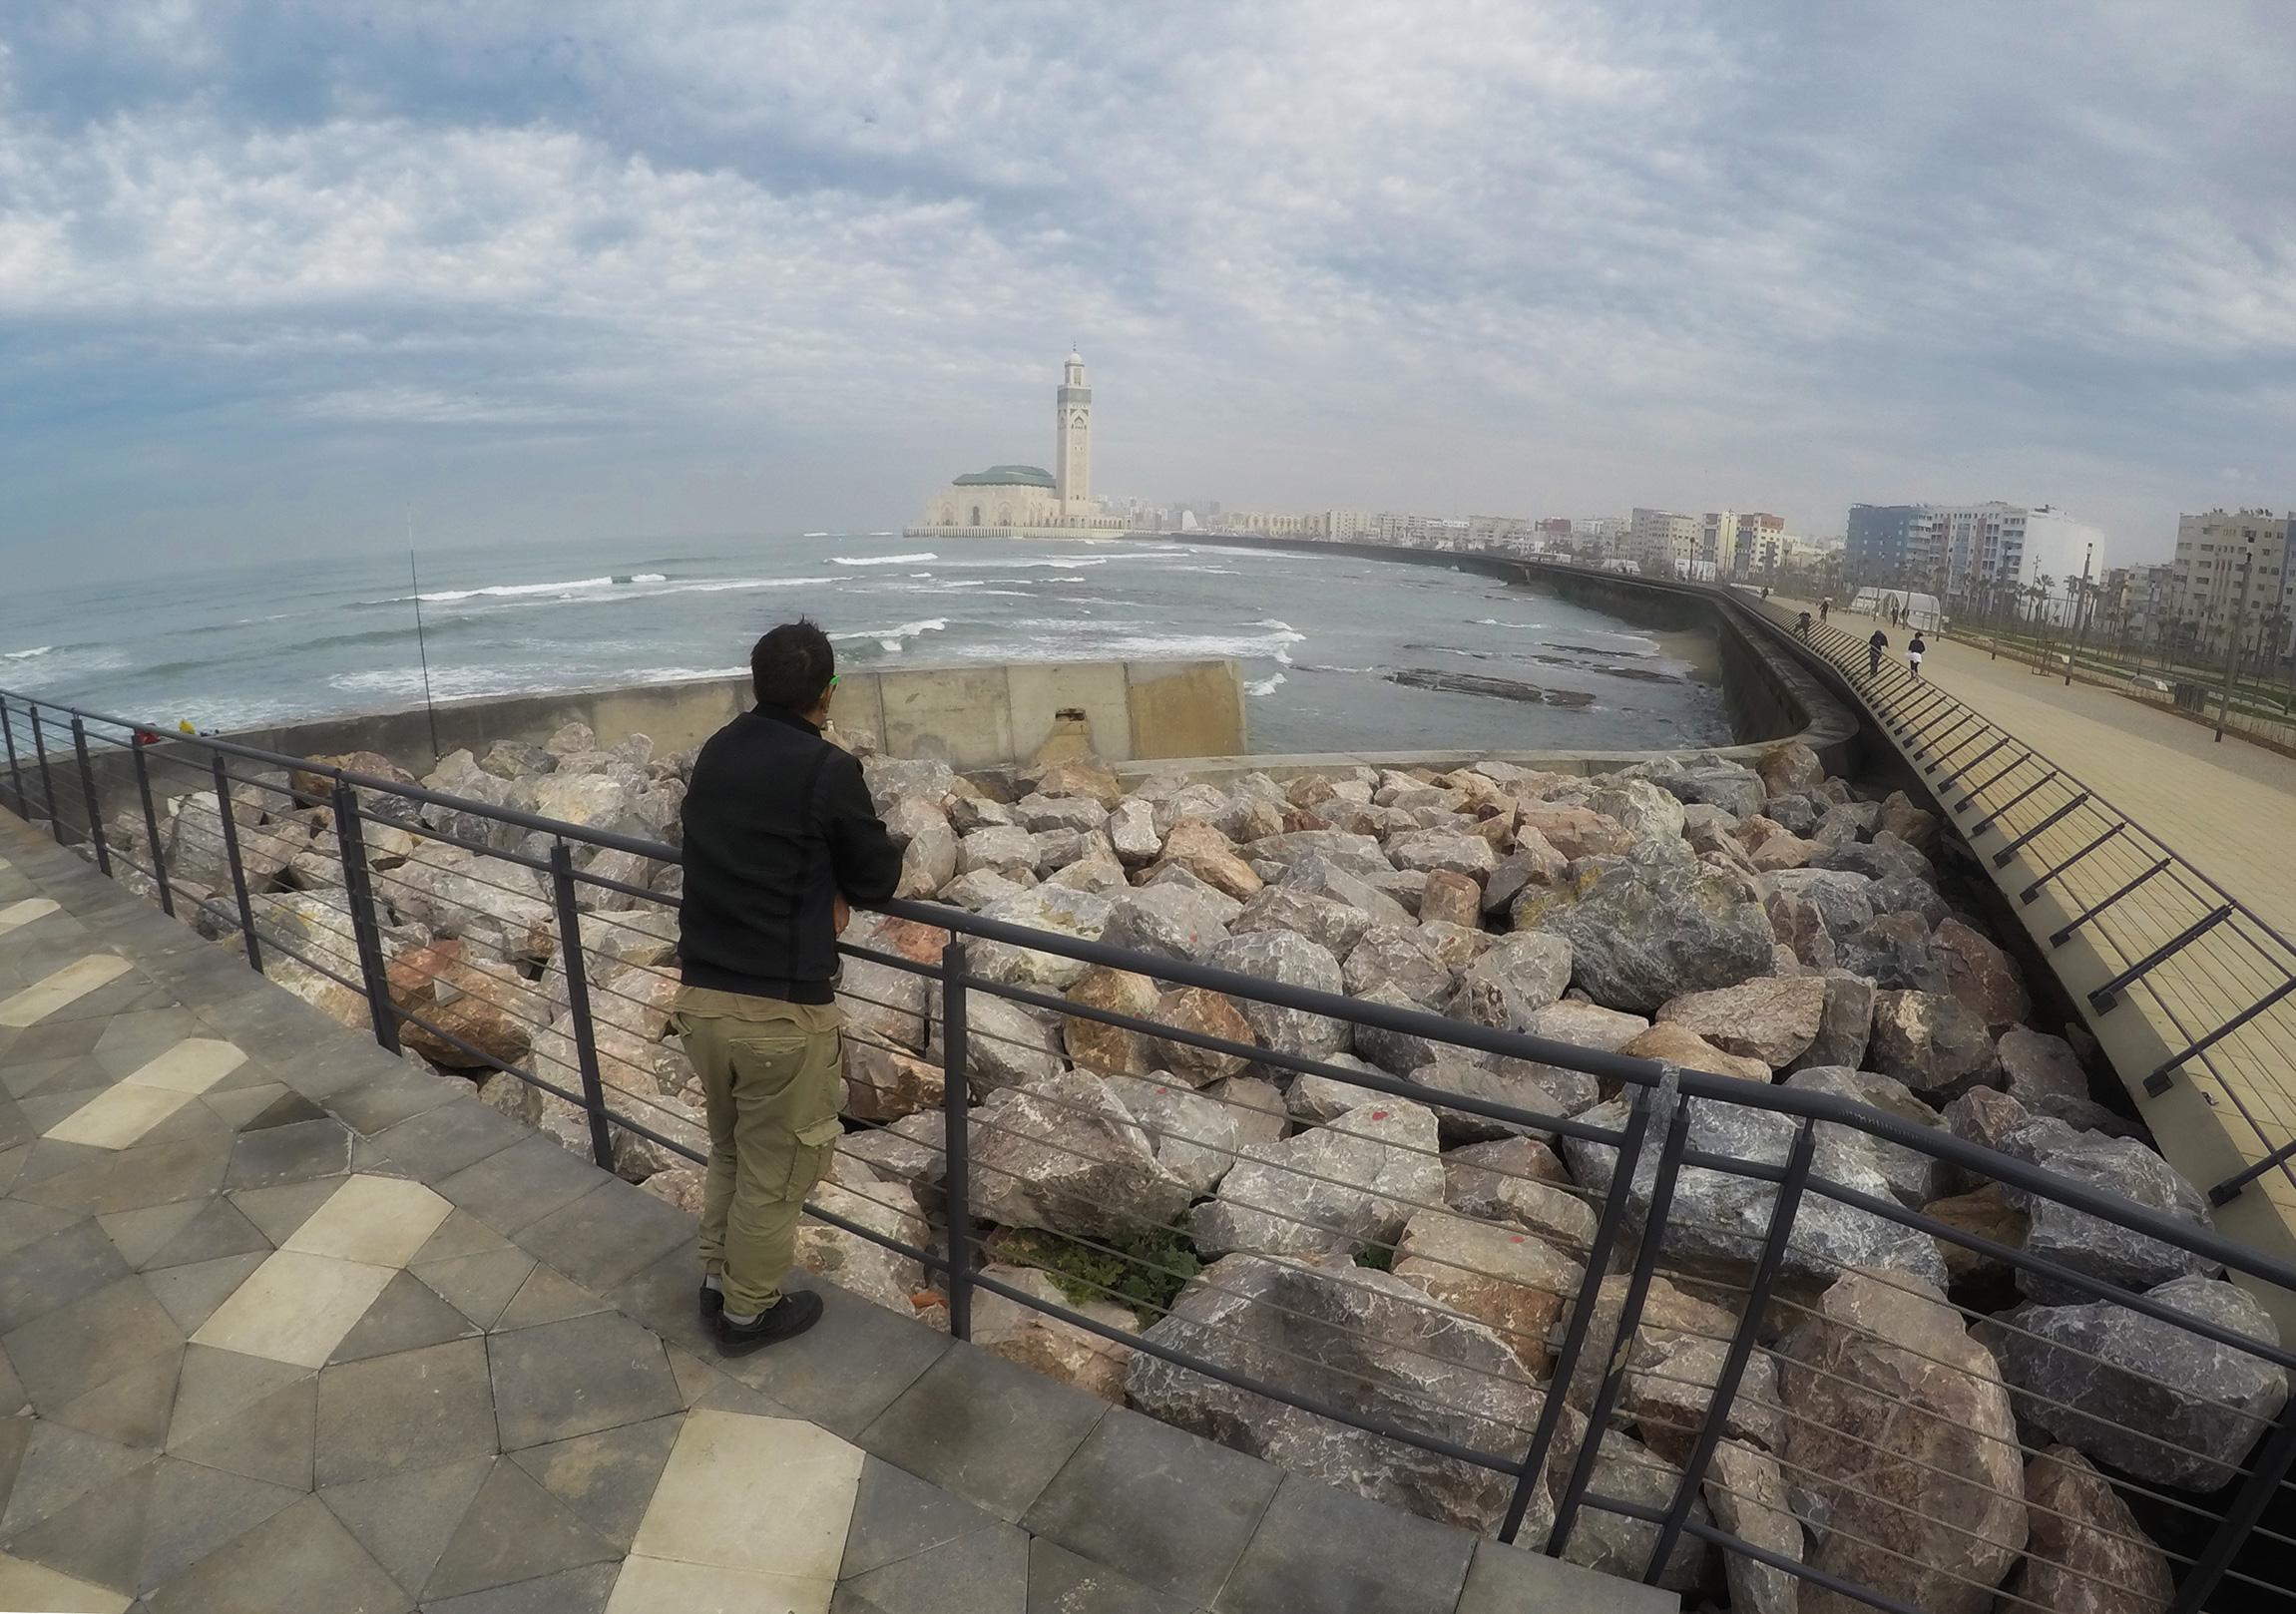 Vista delle Corniche e sullo sfondo la sagoma della Moschea di Hassan II